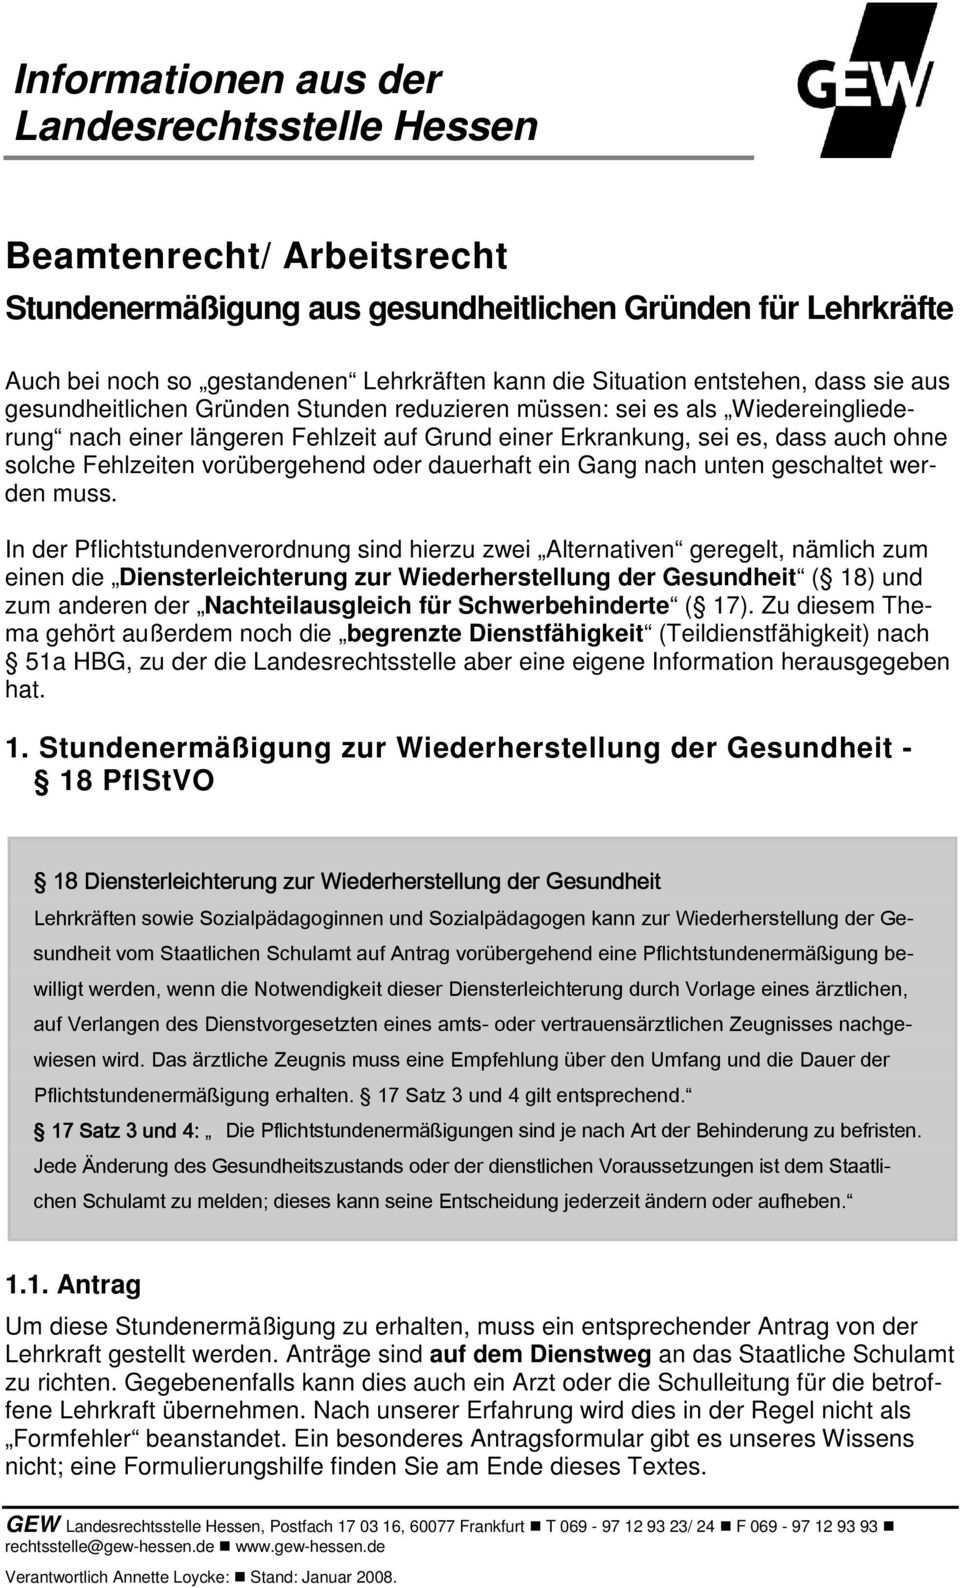 Informationen Aus Der Landesrechtsstelle Hessen Pdf Free Download